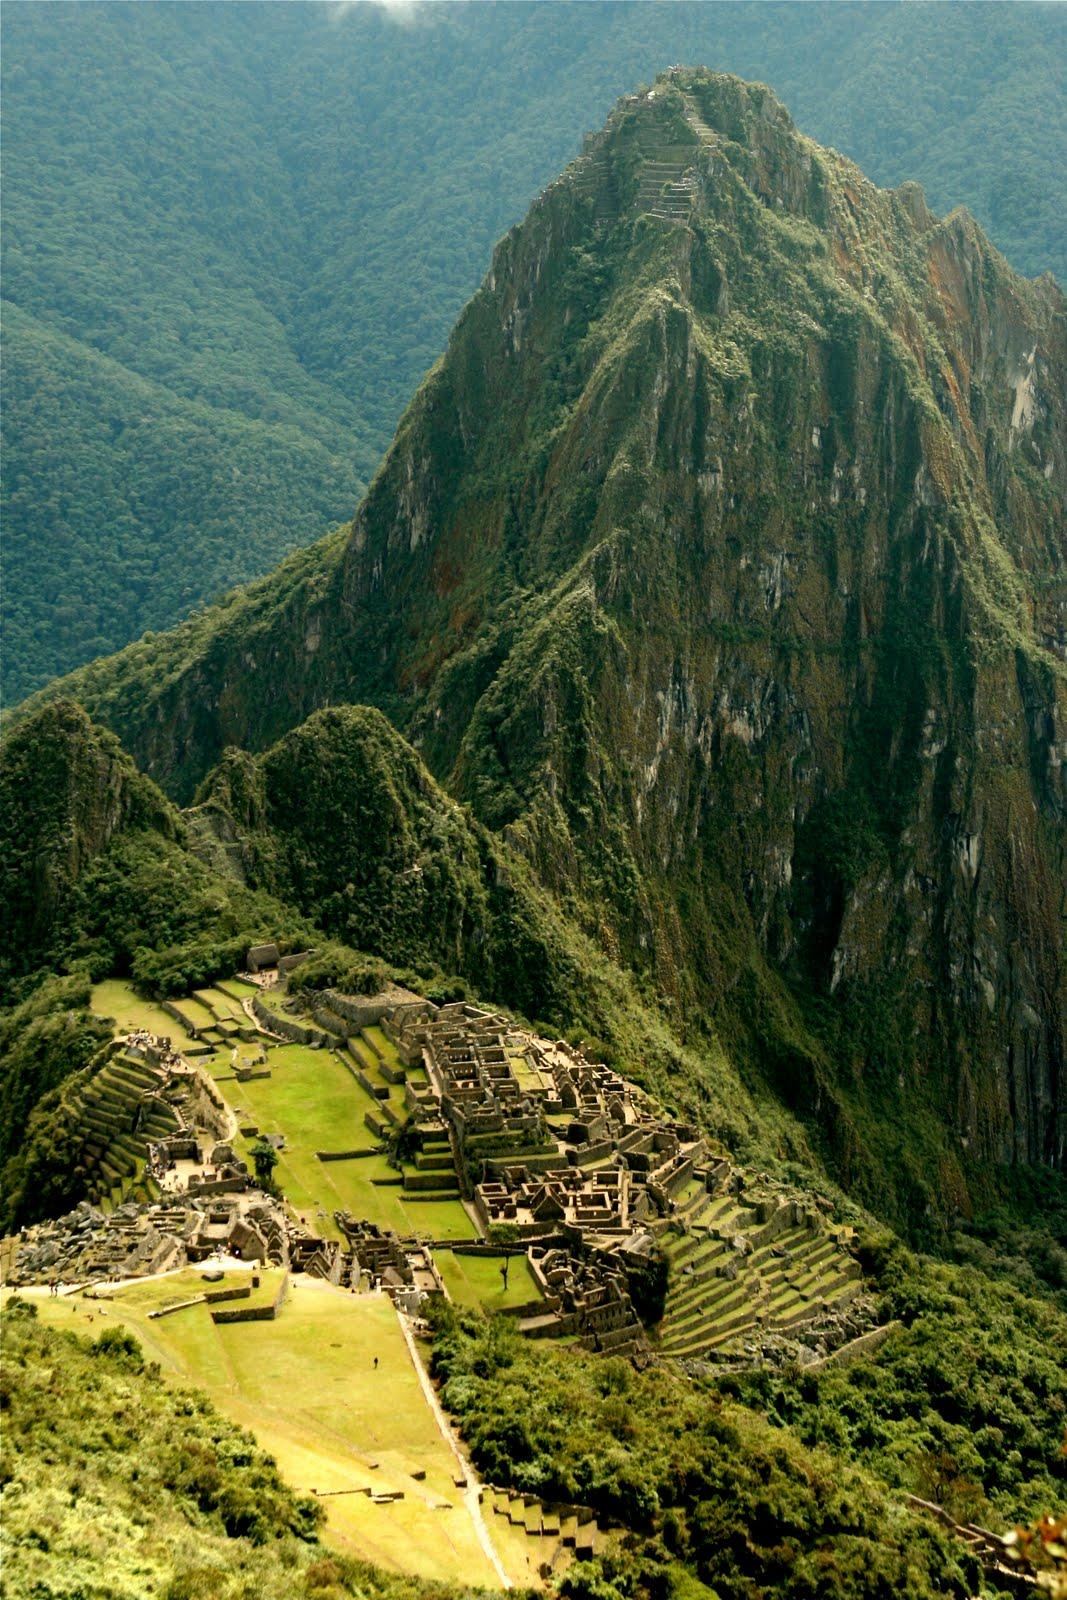 Mach Picchu